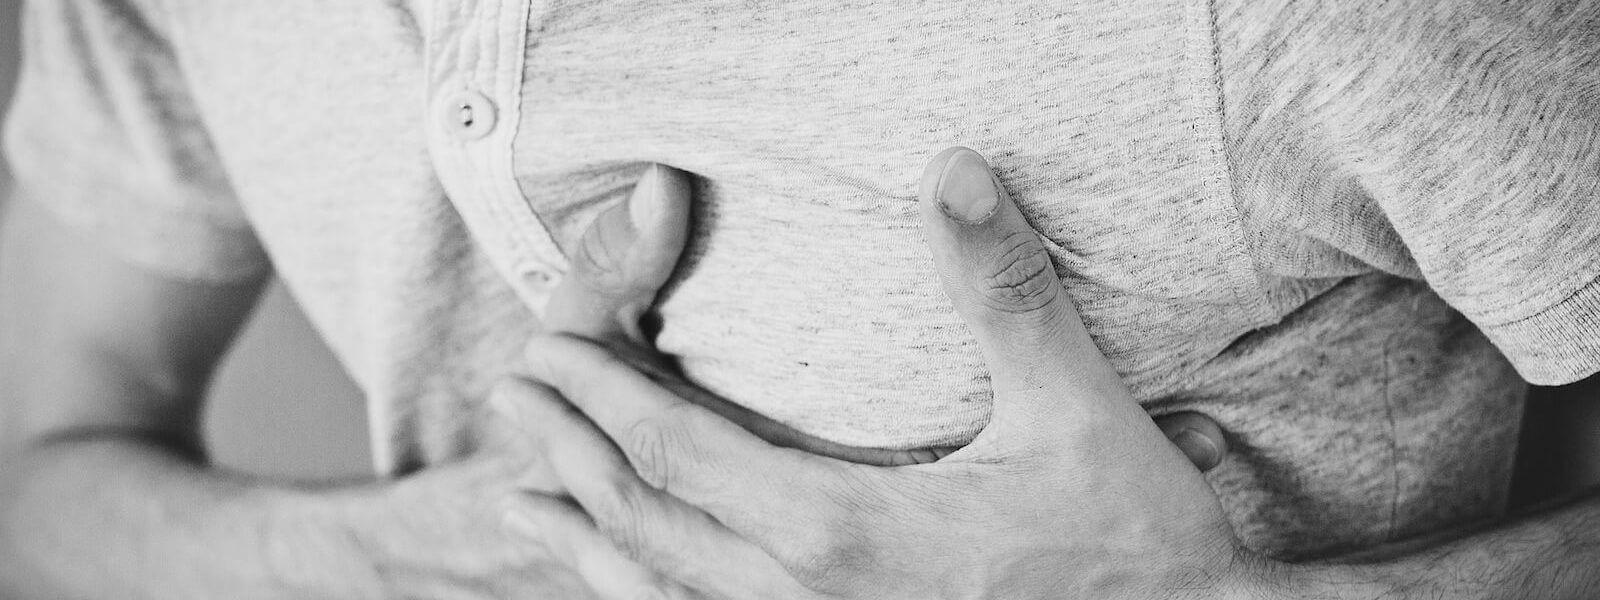 Schwachstellen des Körpers beim Handstand